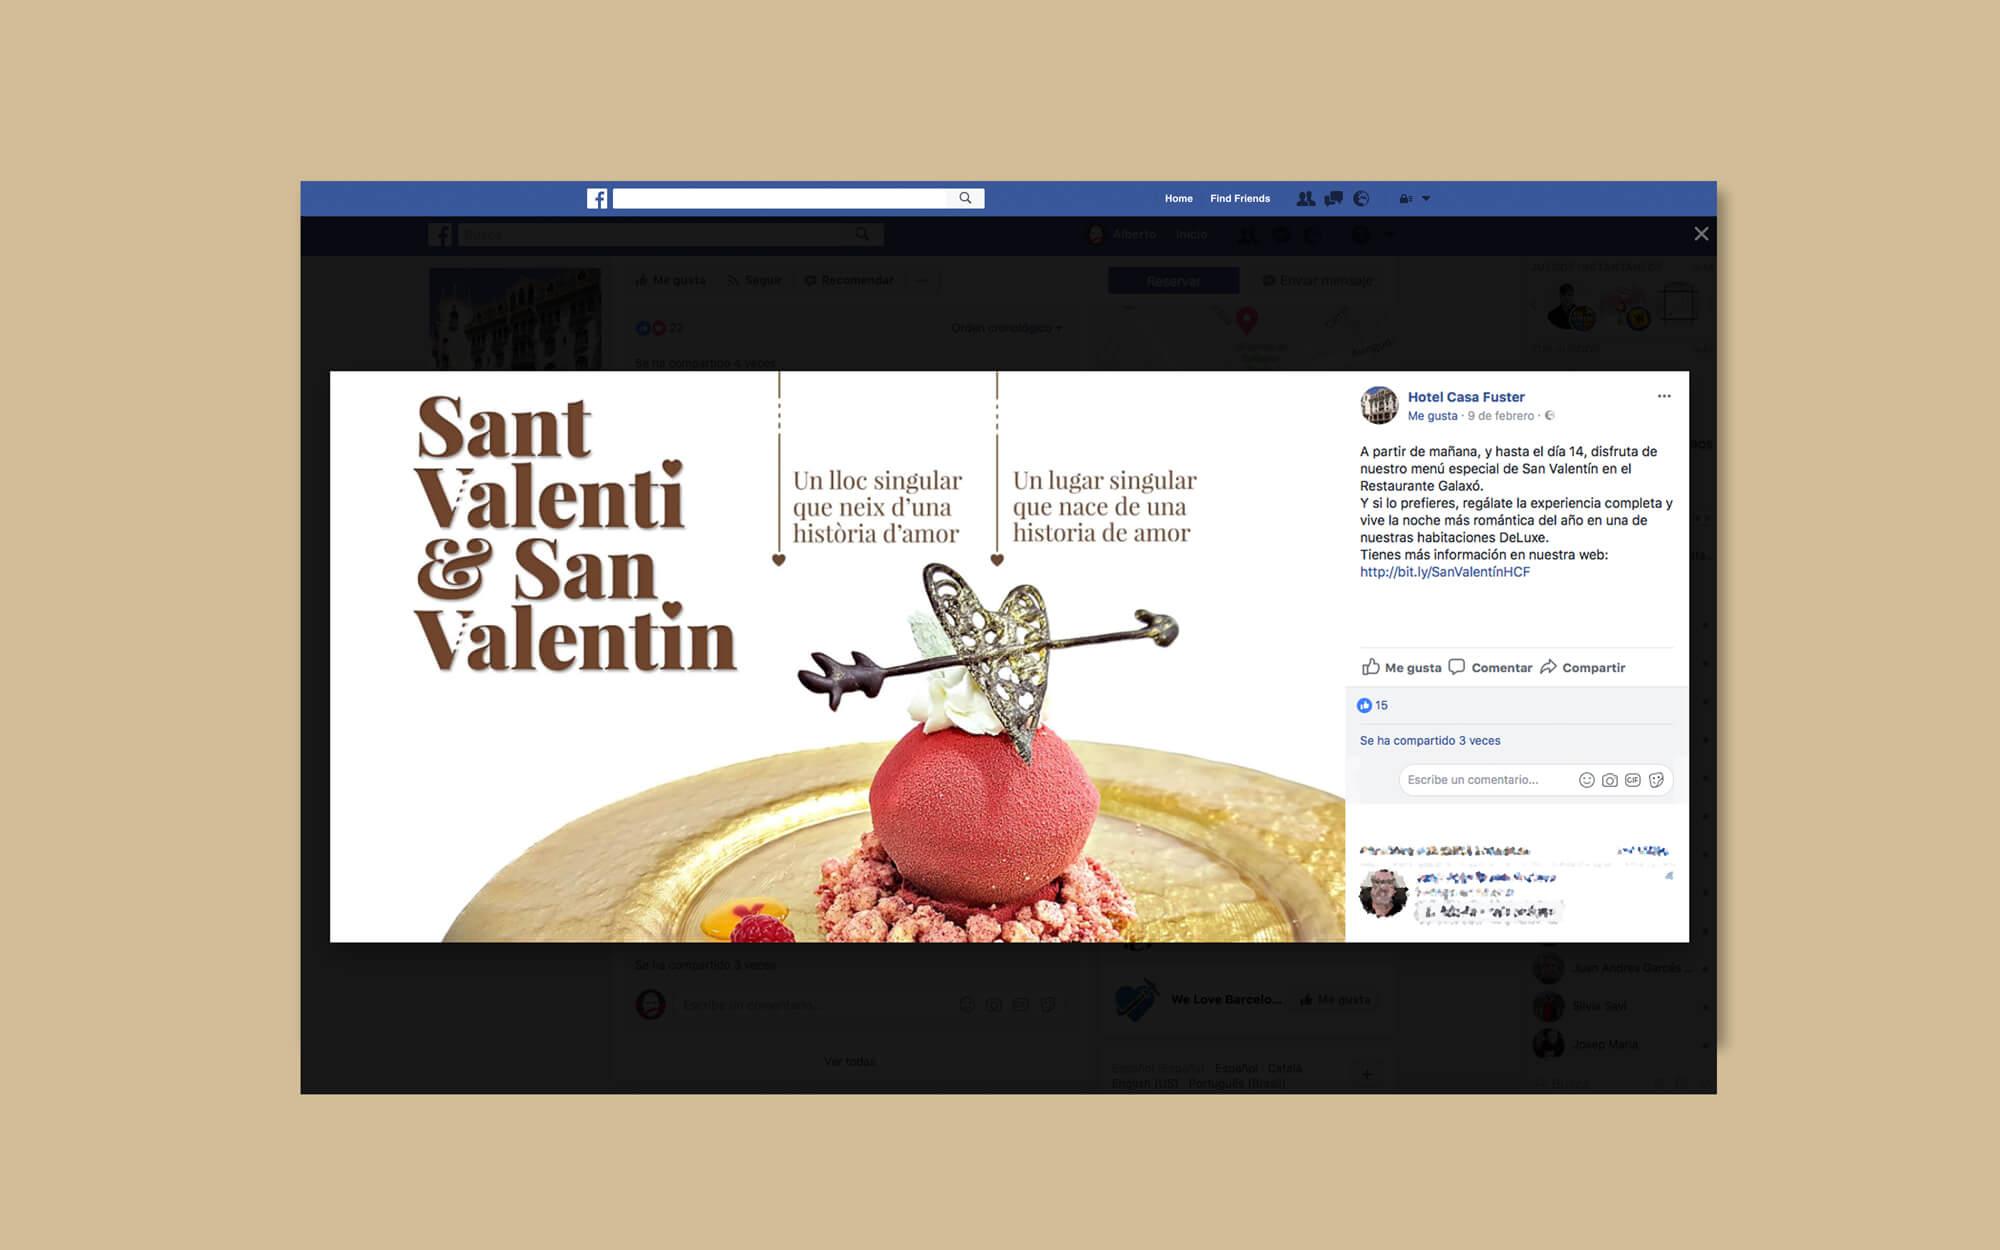 Hotel Casa Fuster, Hotel, Barcelona, Sant Valentí, Newsletter, la Negreta, Disseny Gràfic, Barri de Gràcia, Digital, Comunicació, Mailchimp, Facebook